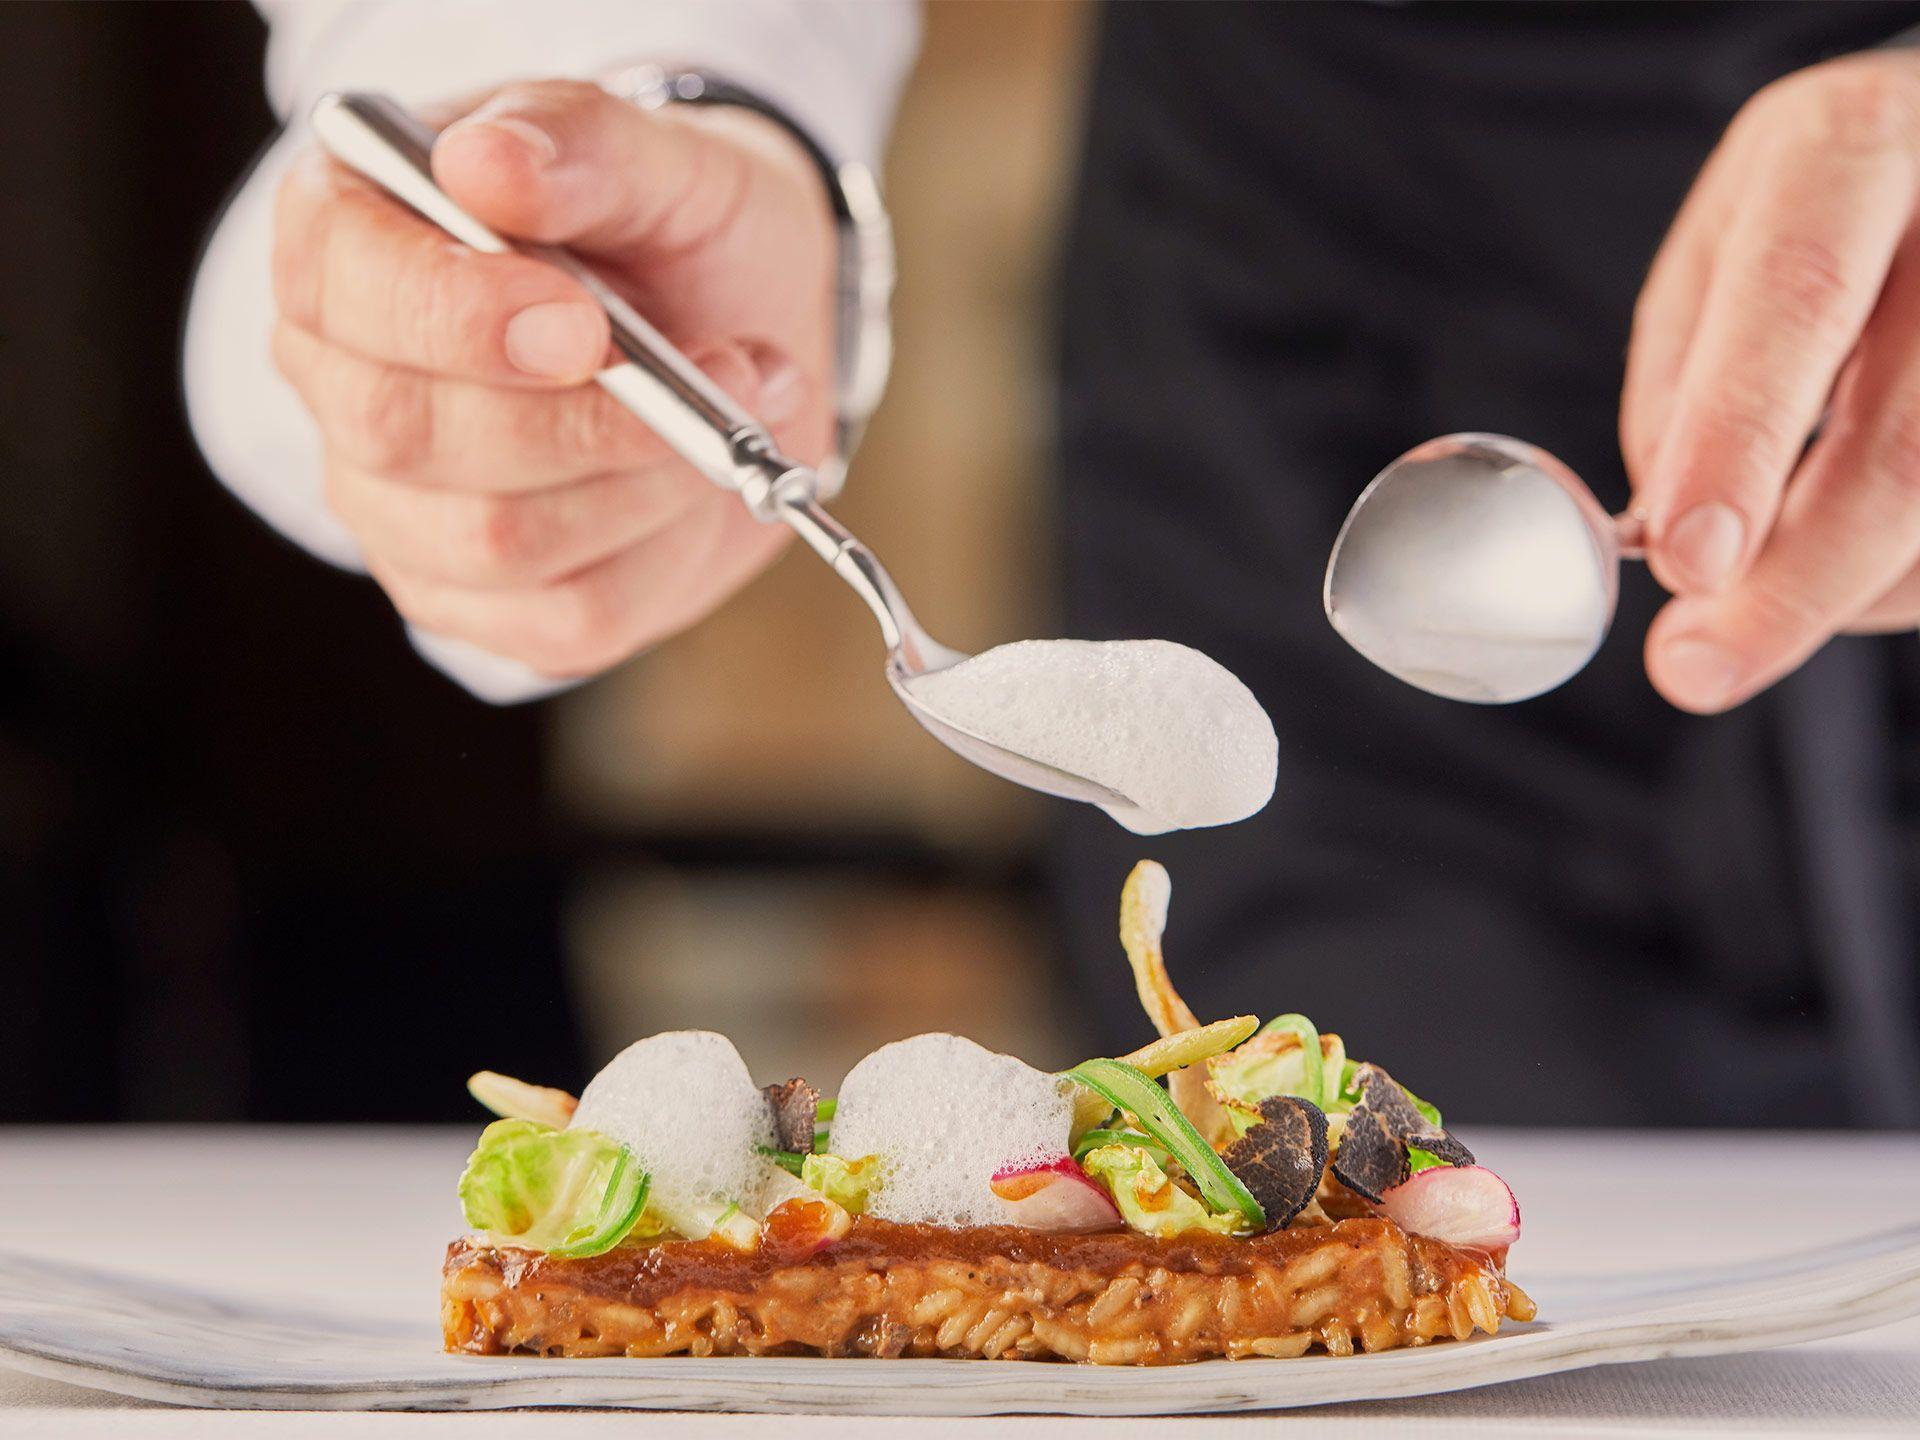 caprocat_gastronomia_plato-2_ALTA